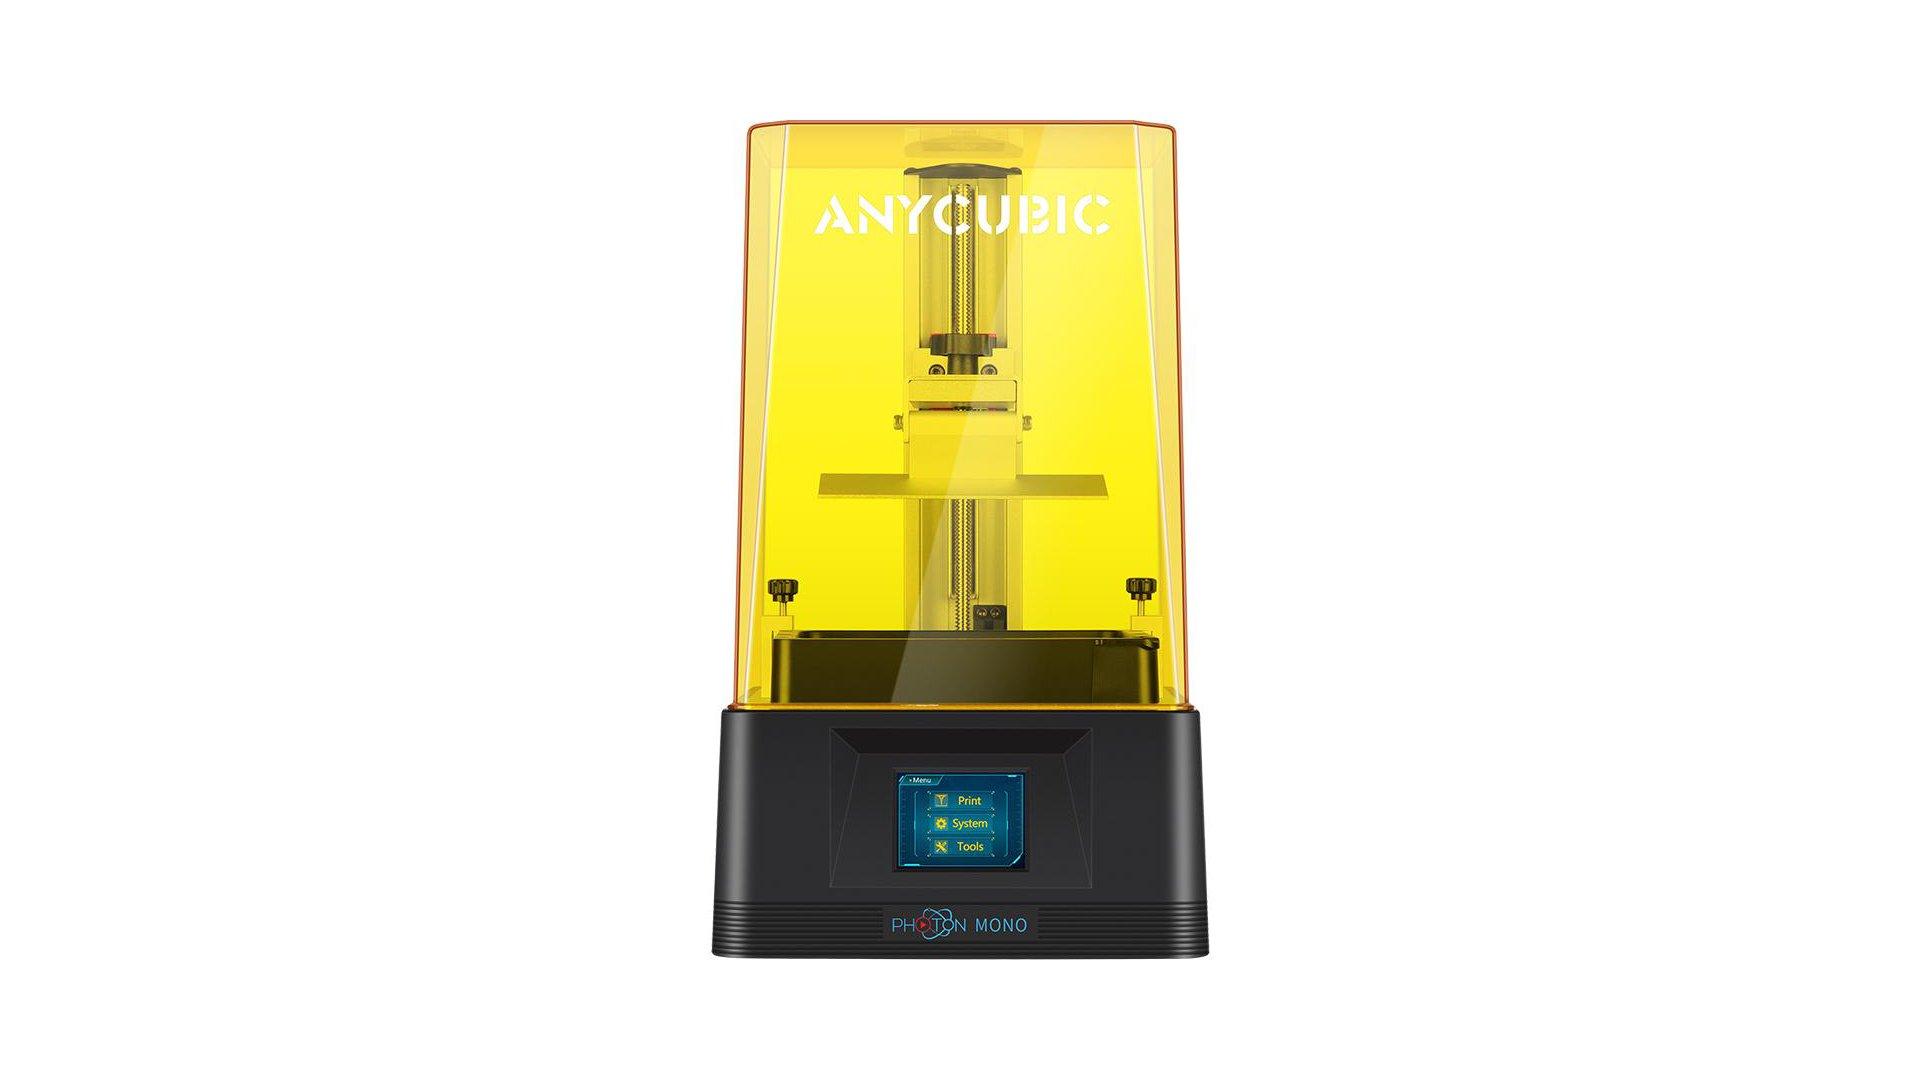 L'imprimante 3D Anycubic Photon Mono est en promotion sur Aliexpress !